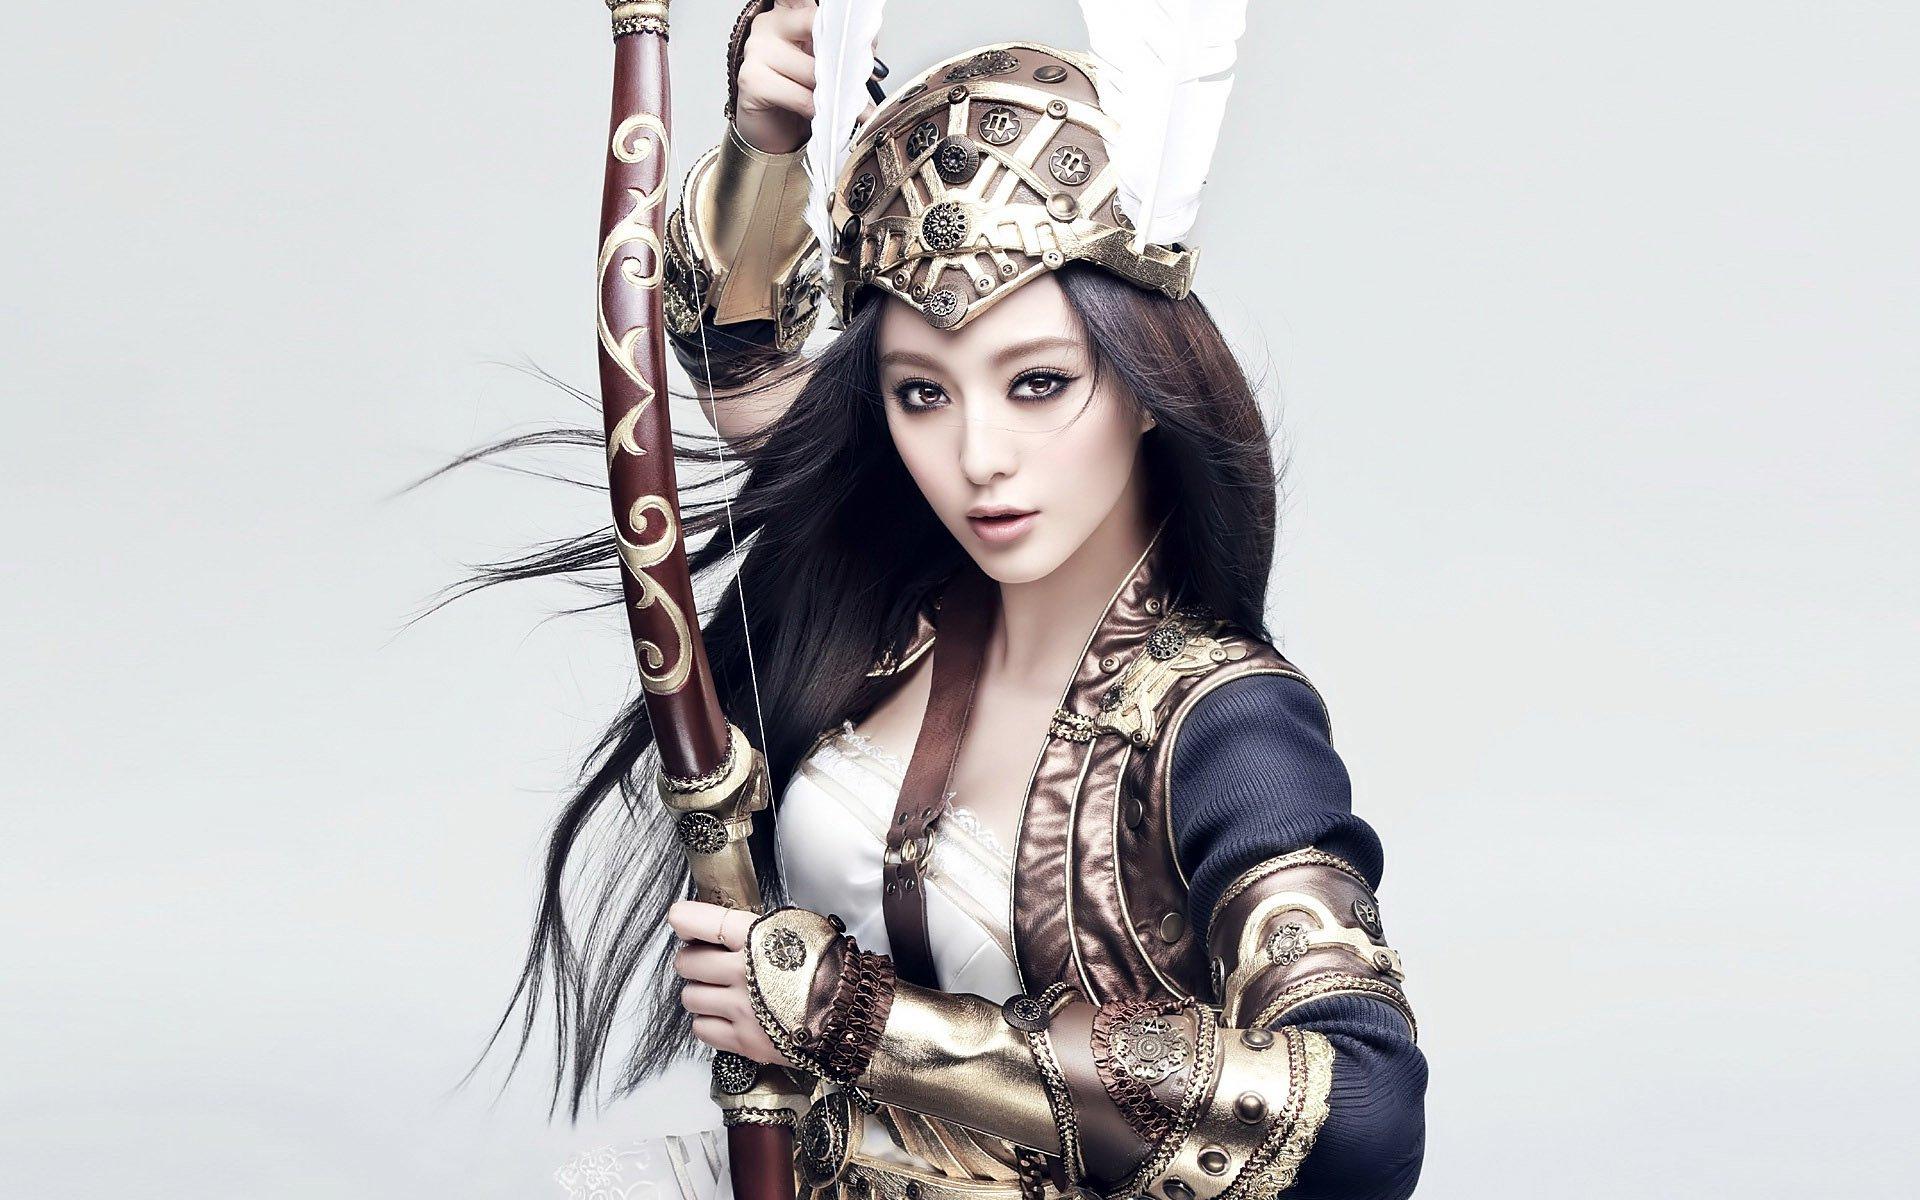 名人 - Fan Bingbing  战士 Woman 奇幻 壁纸